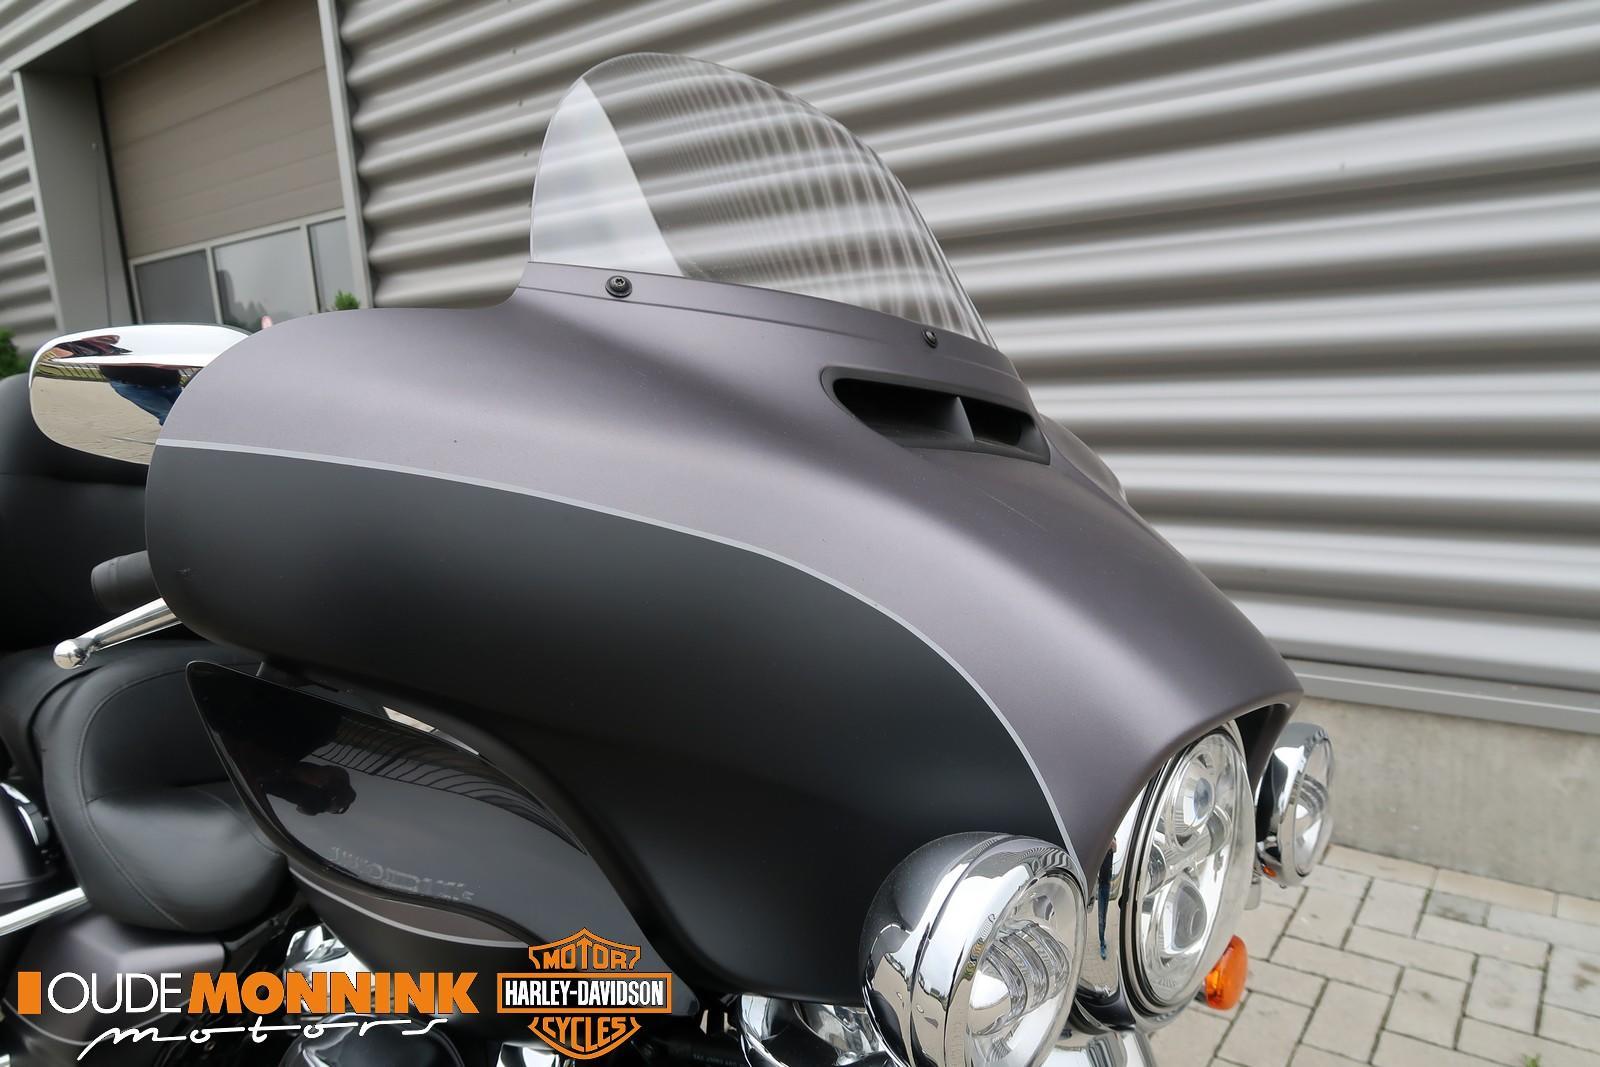 HARLEY-DAVIDSON - FLHTK Electra Limited 107 FLH